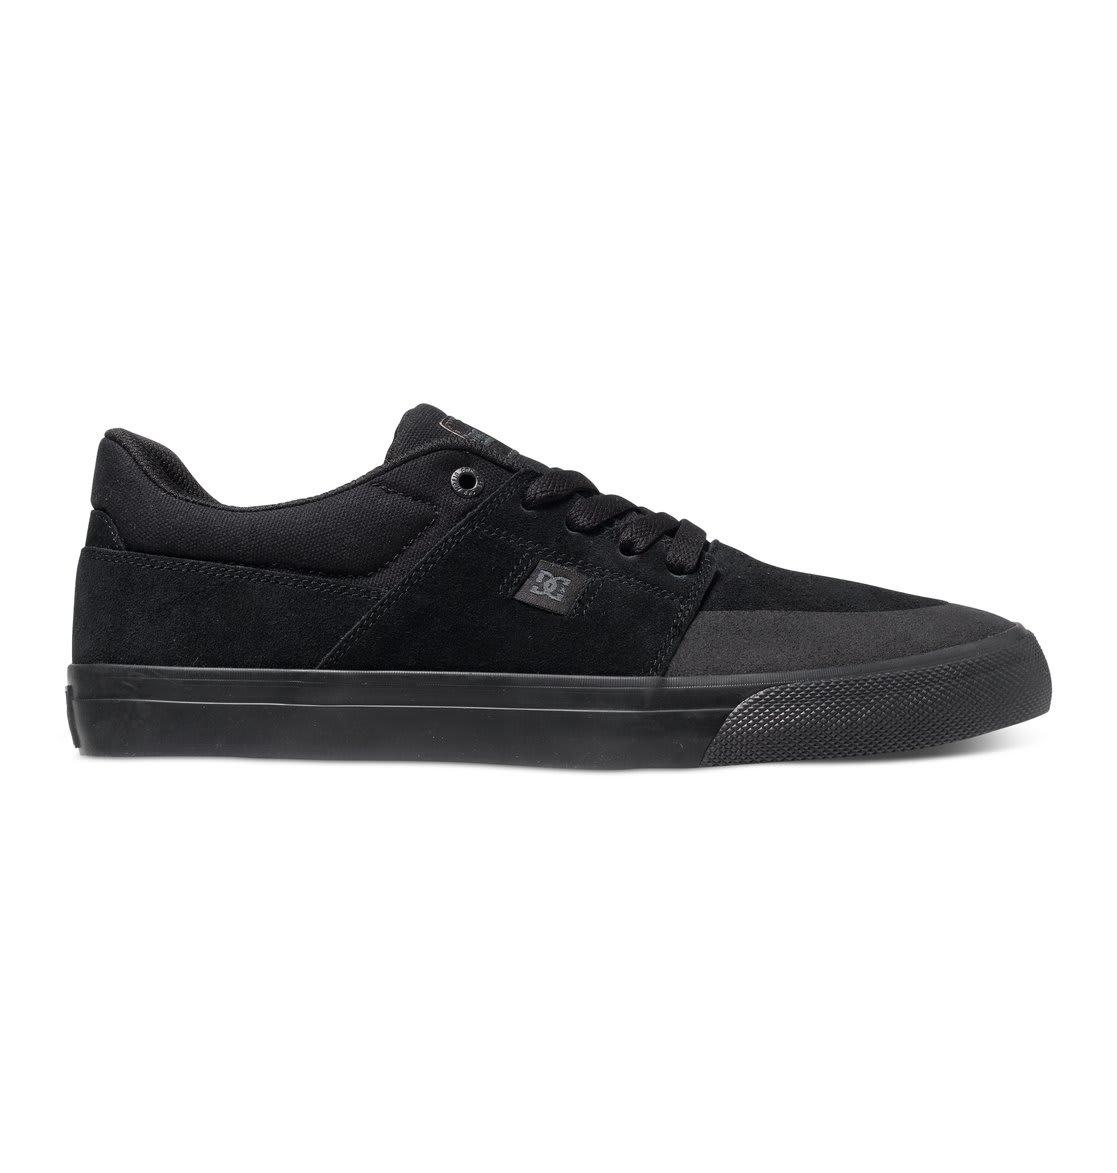 Skate shoes edmonton - Dc Wes Kremer S Se Skate Shoes